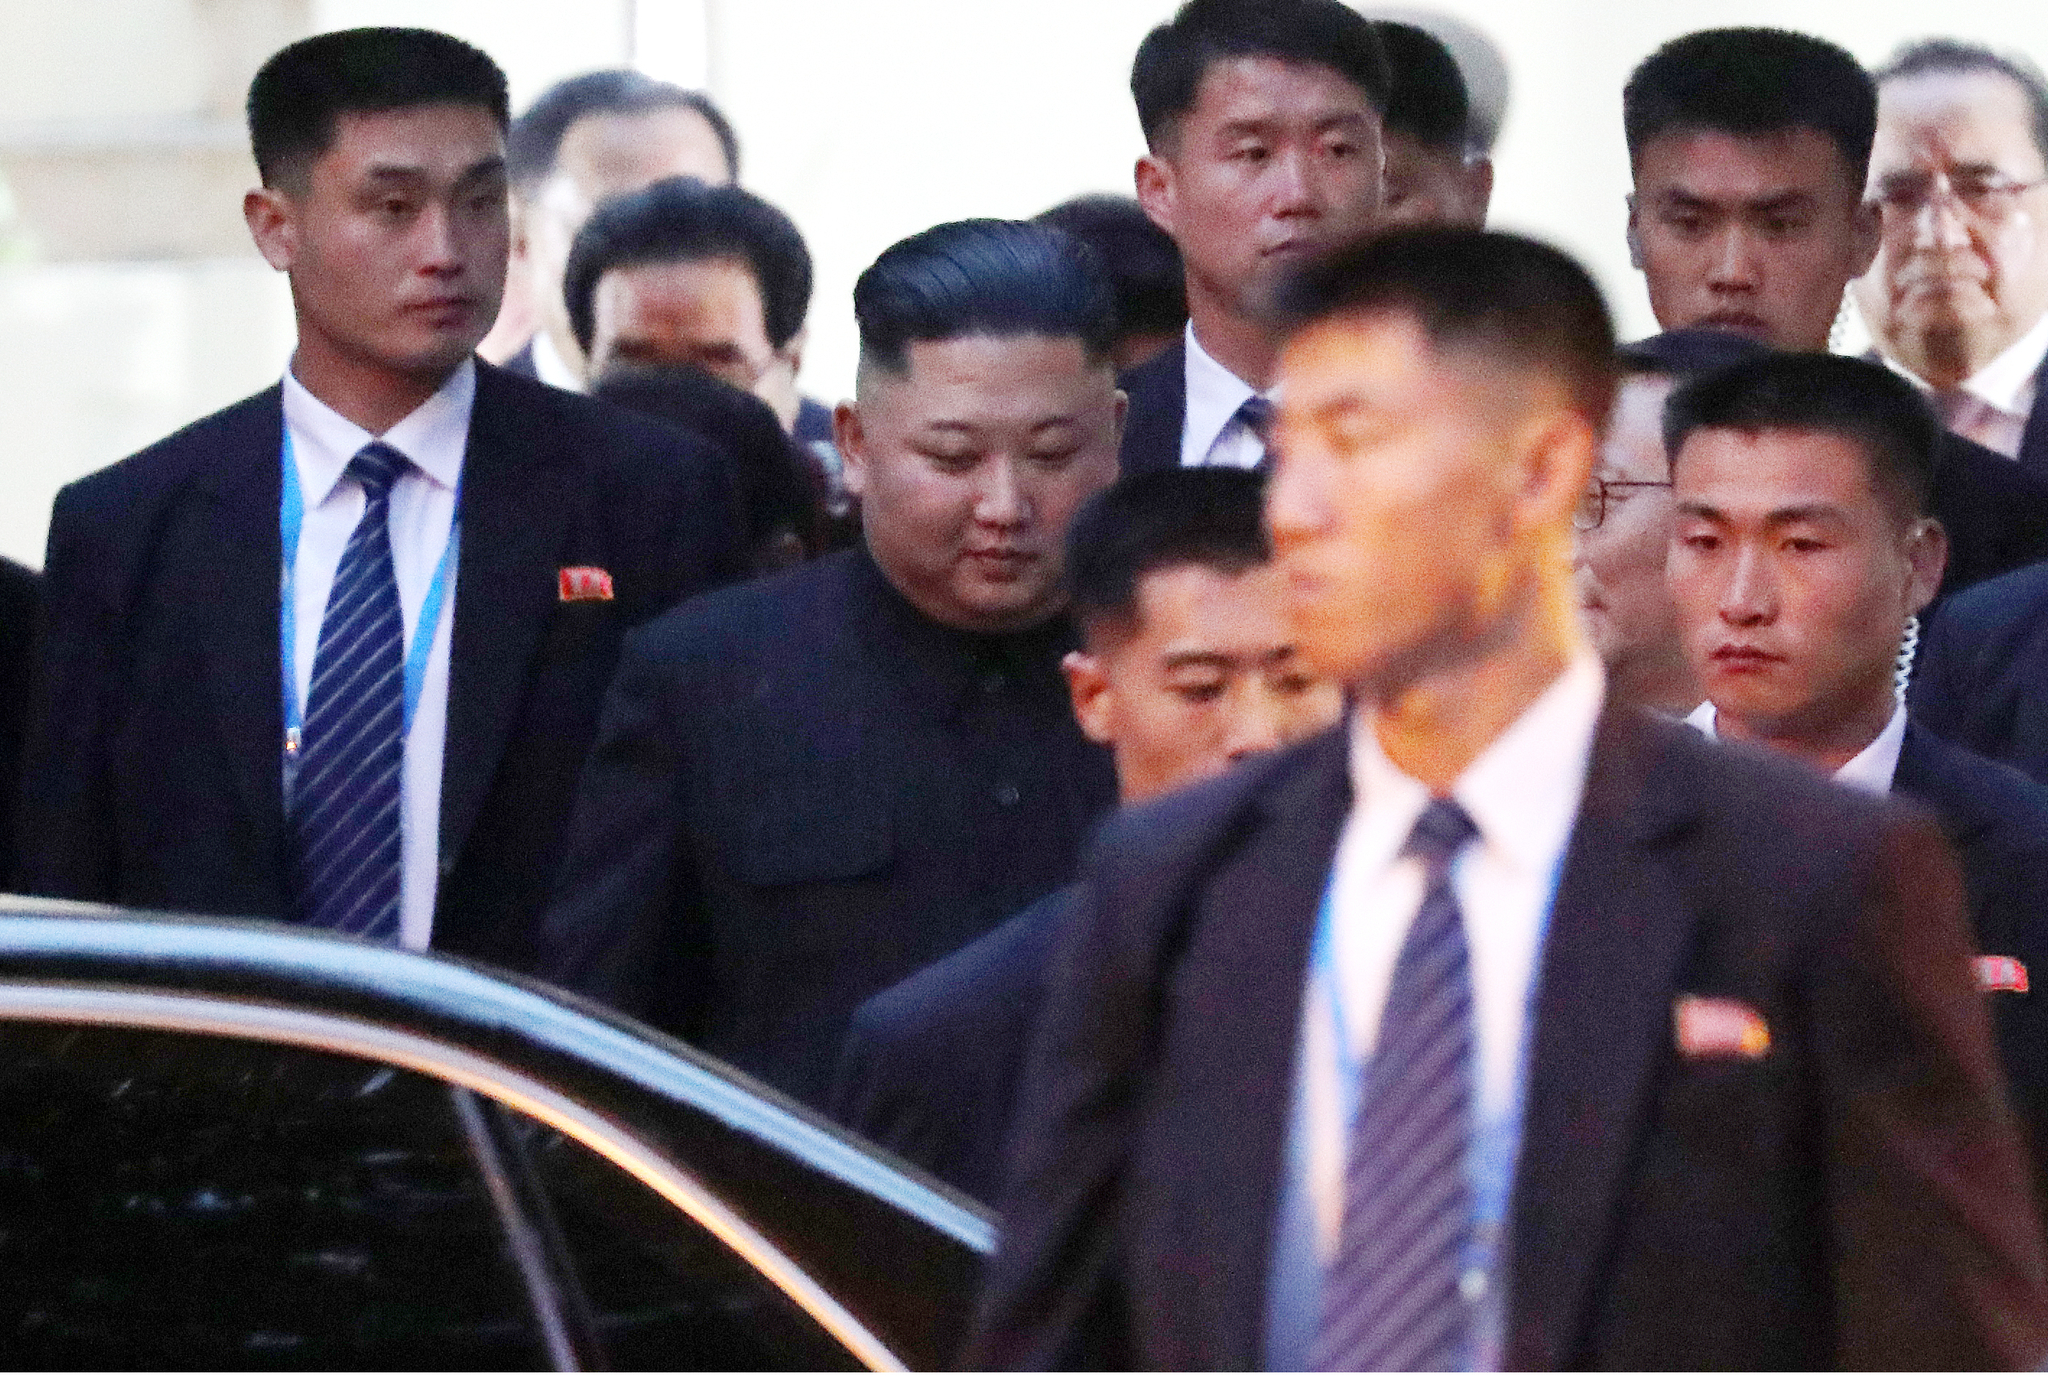 김정은 북한 국무위원장이 제2차 북미정상회담을 하루 앞둔 26일 베트남 첫 일정으로 하노이의 북한대사관 방문을 마친 뒤 나서고 있다. [뉴스1]